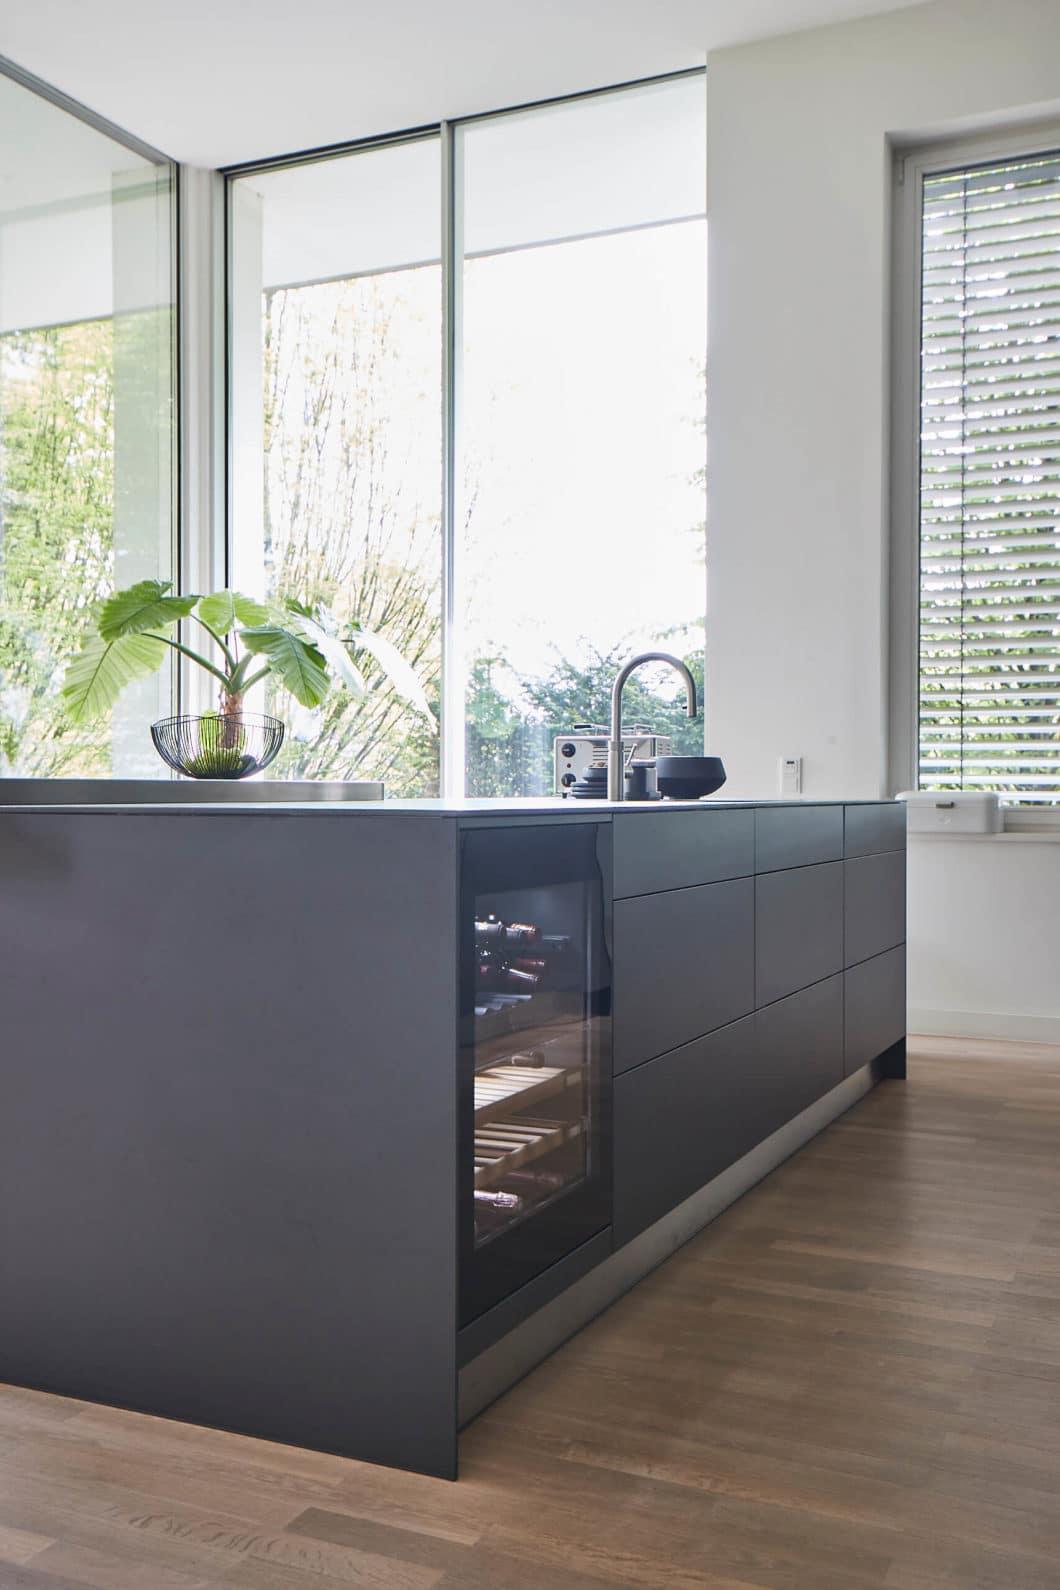 Puristische Stringenz, eine monochromatische Farbgebung und hochwertige Geräte wie dieser Weinklimaschrank machen die epochale Küche in der Hamburger Villa zu einem absoluten Liebhaberstück. (Foto: Volker Renner/ KAH Hamburg)